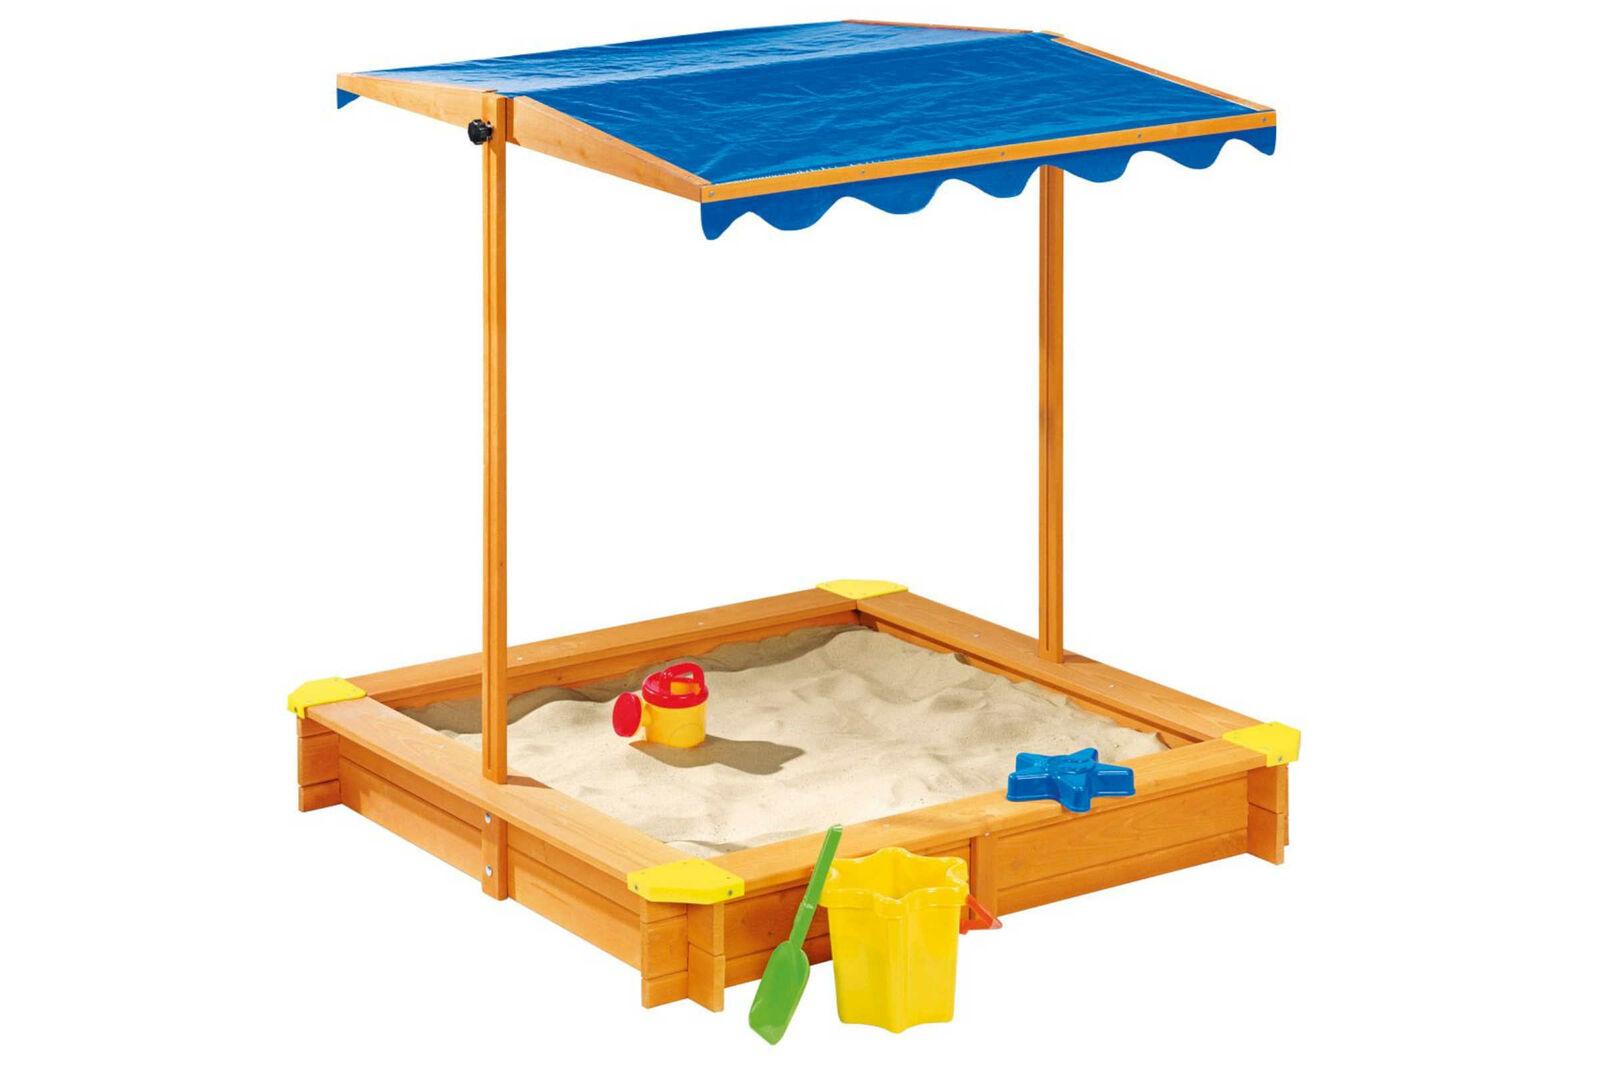 Playtive Junior Sandkasten Buddelkasten mit Dach Massivholz Spieloase